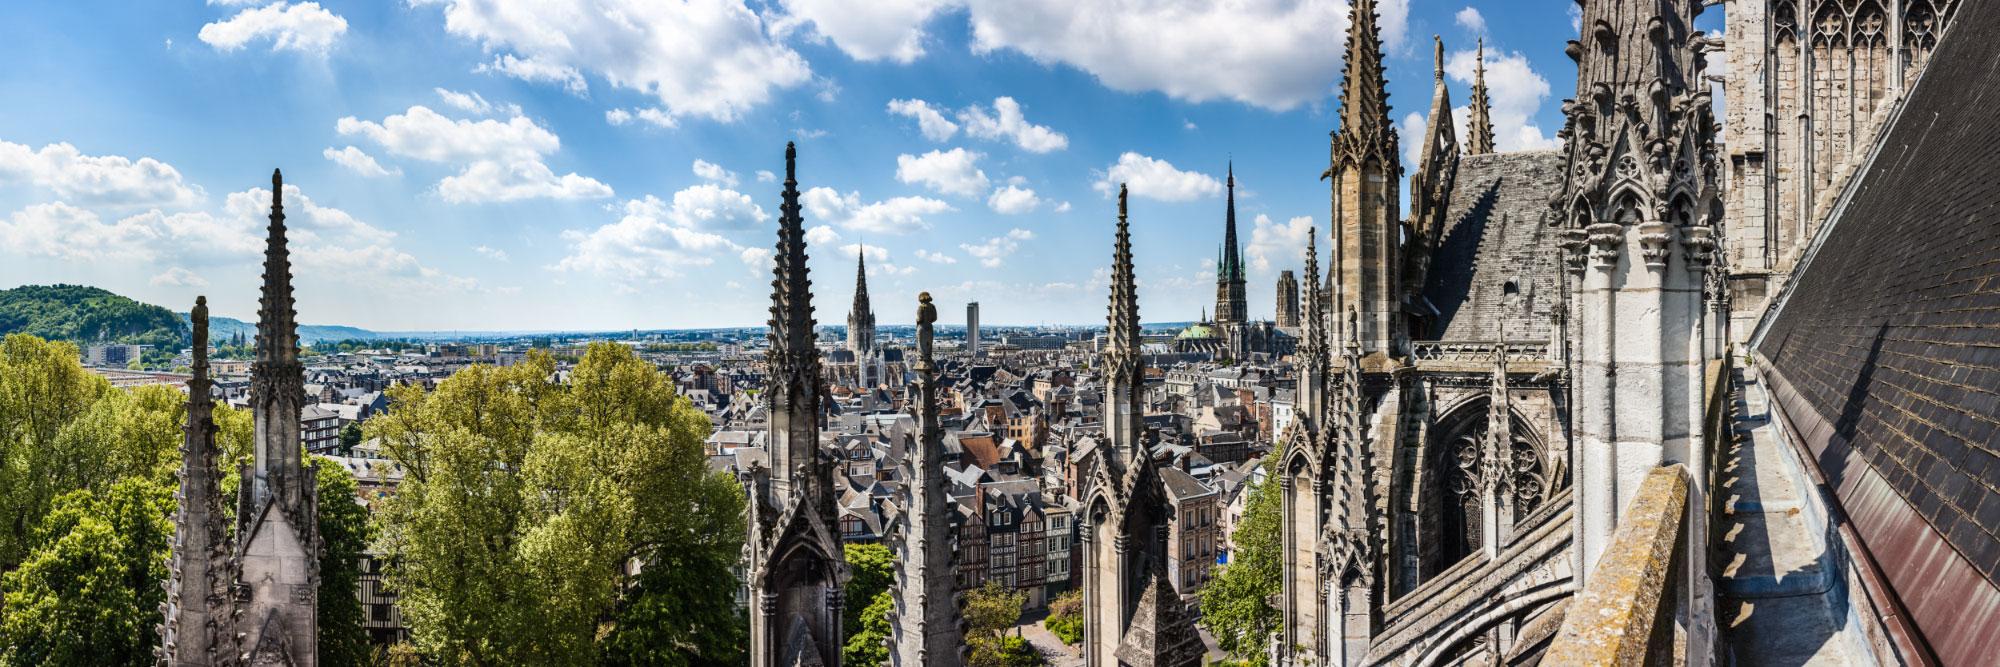 La ville aux cent clochers, les pinacles du choeur de l'Abbaye de Saint-Ouen, Rouen